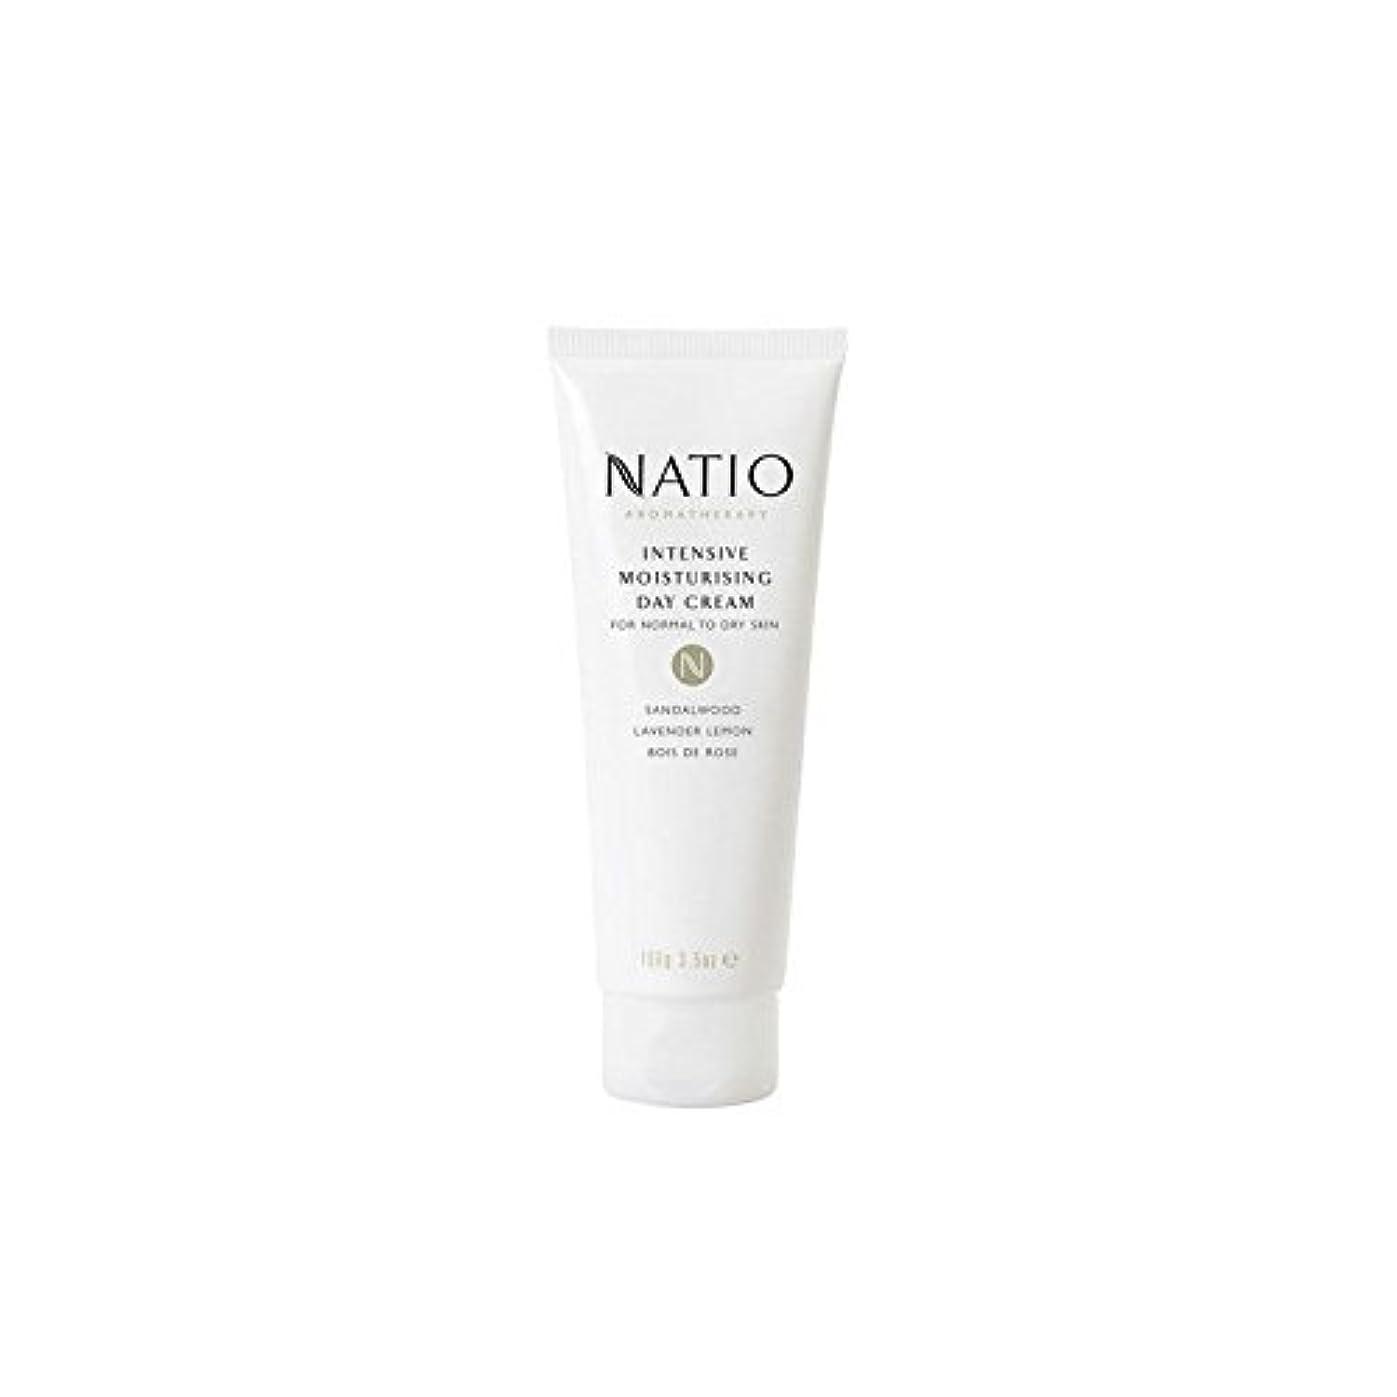 偏見シリング建築Natio Intensive Moisturising Day Cream (100G) - 集中的な保湿デイクリーム(100グラム) [並行輸入品]